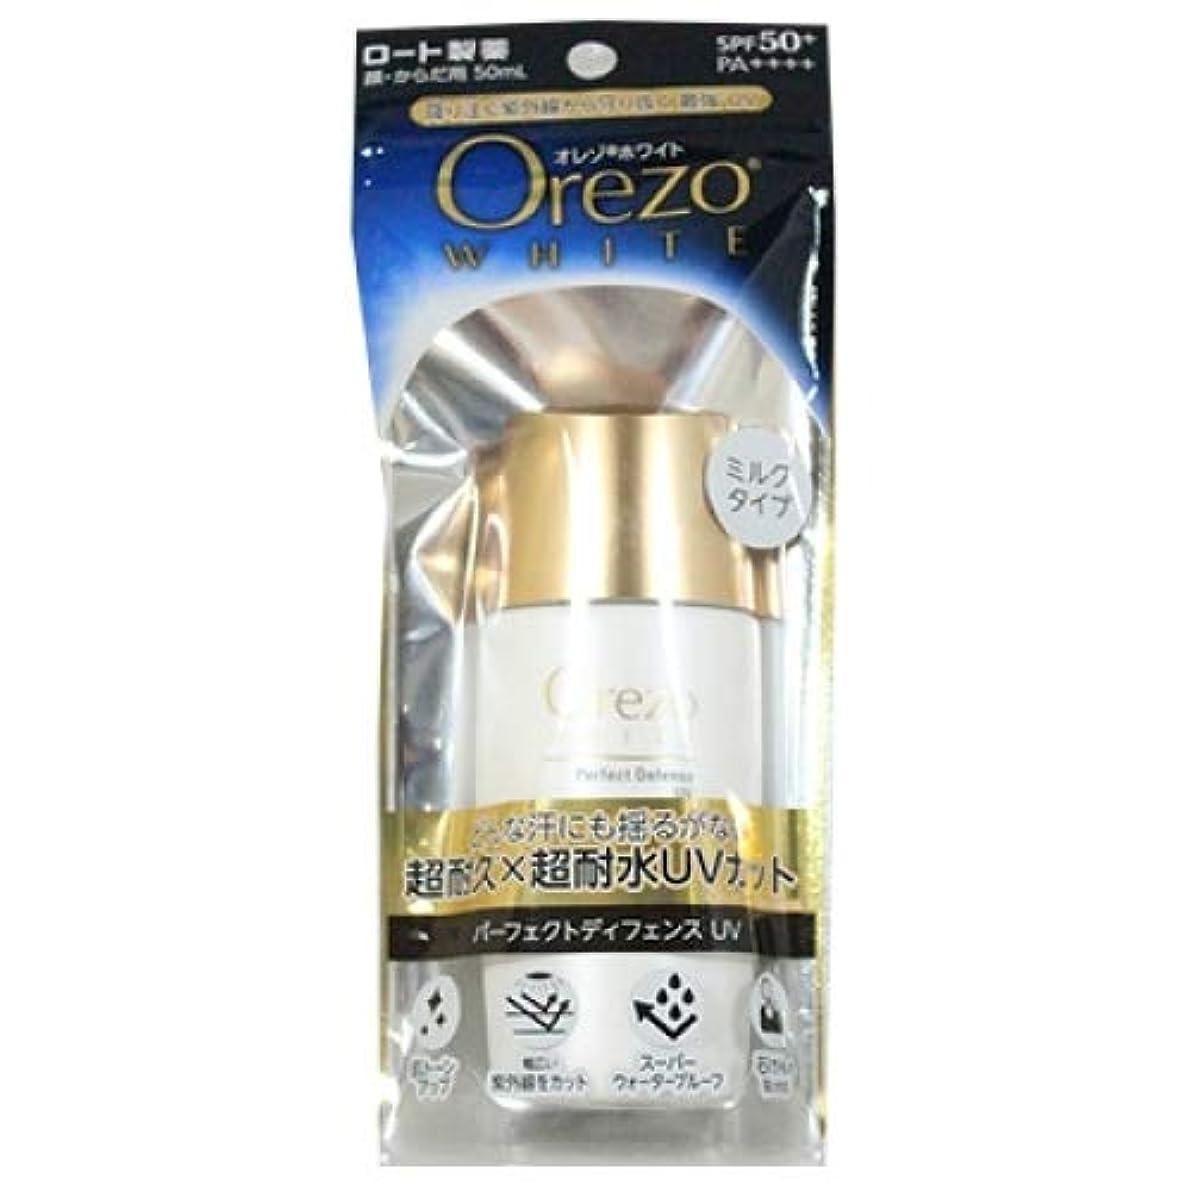 盗賊請求書エンドウロート製薬 Orezo オレゾ ホワイト パーフェクトディフェンスUVa SPF50+ PA++++ (50mL)